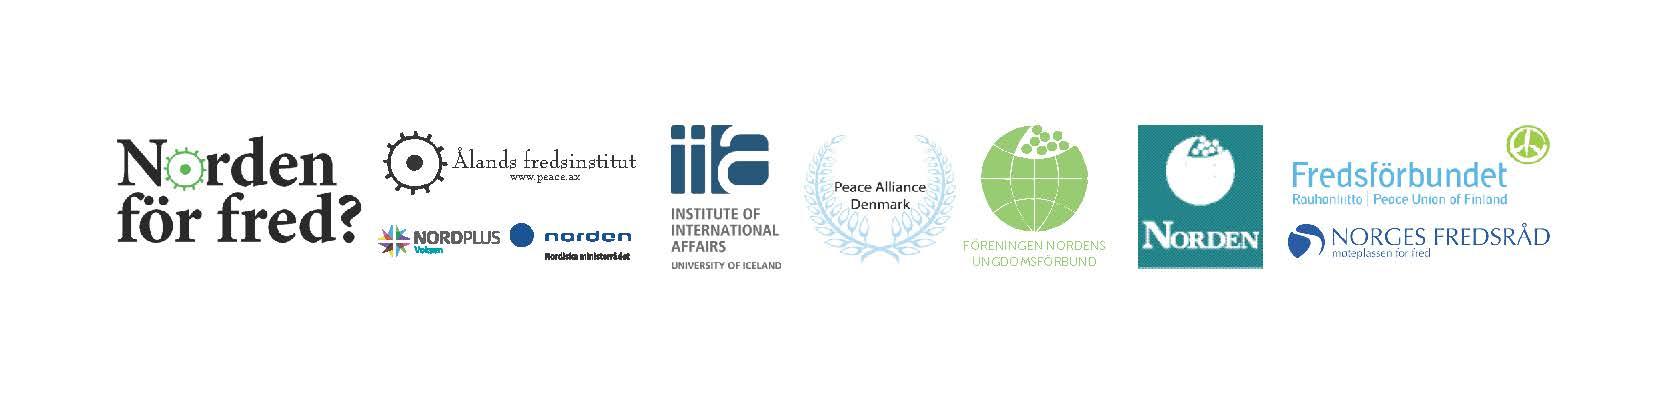 Norden for fred Alla logos